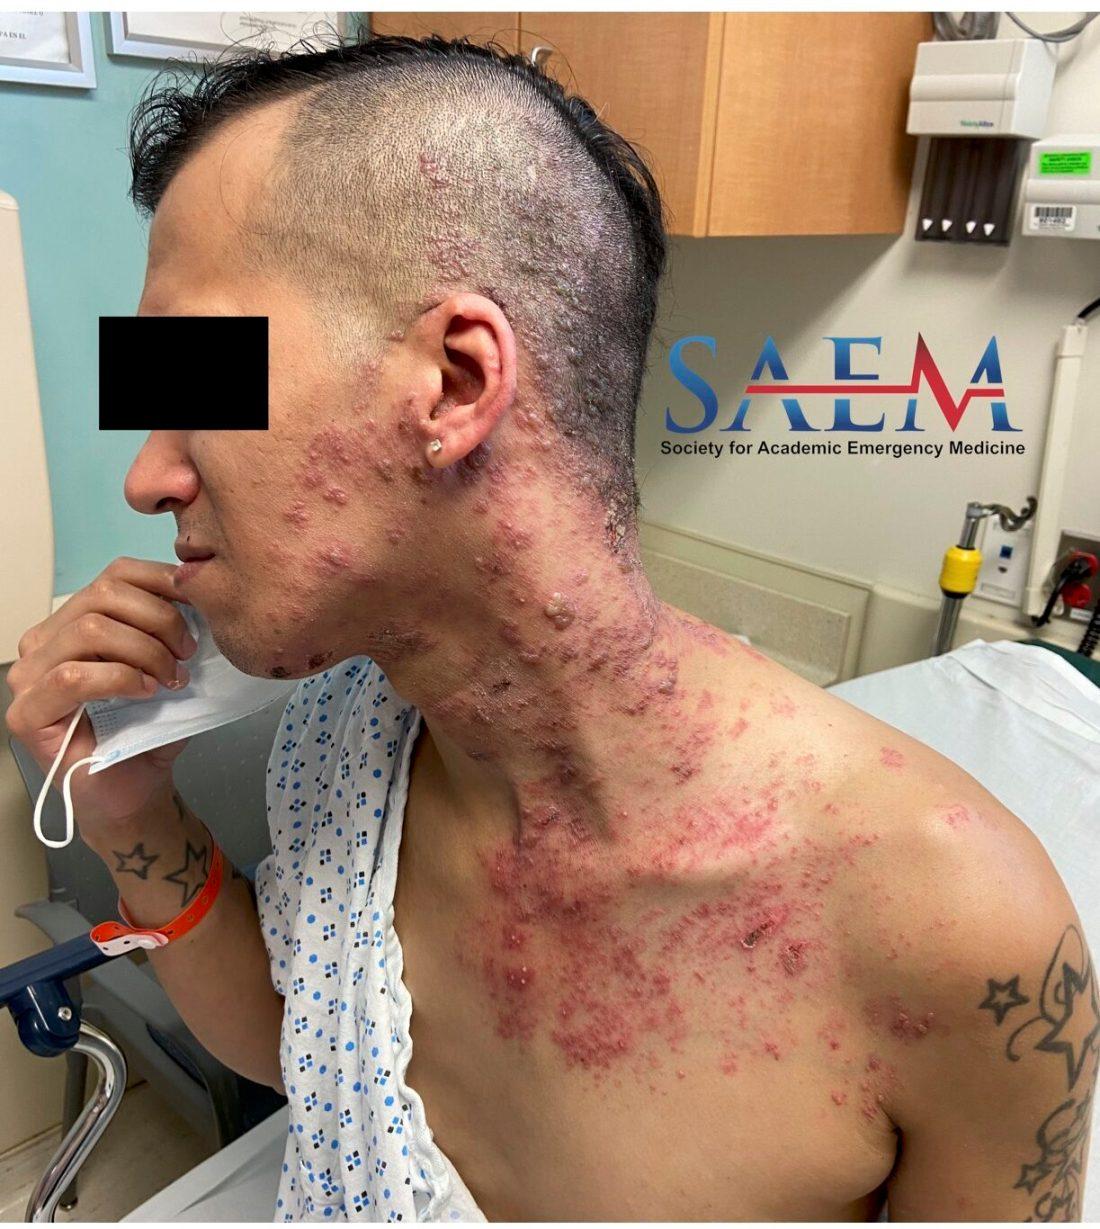 spreading rash